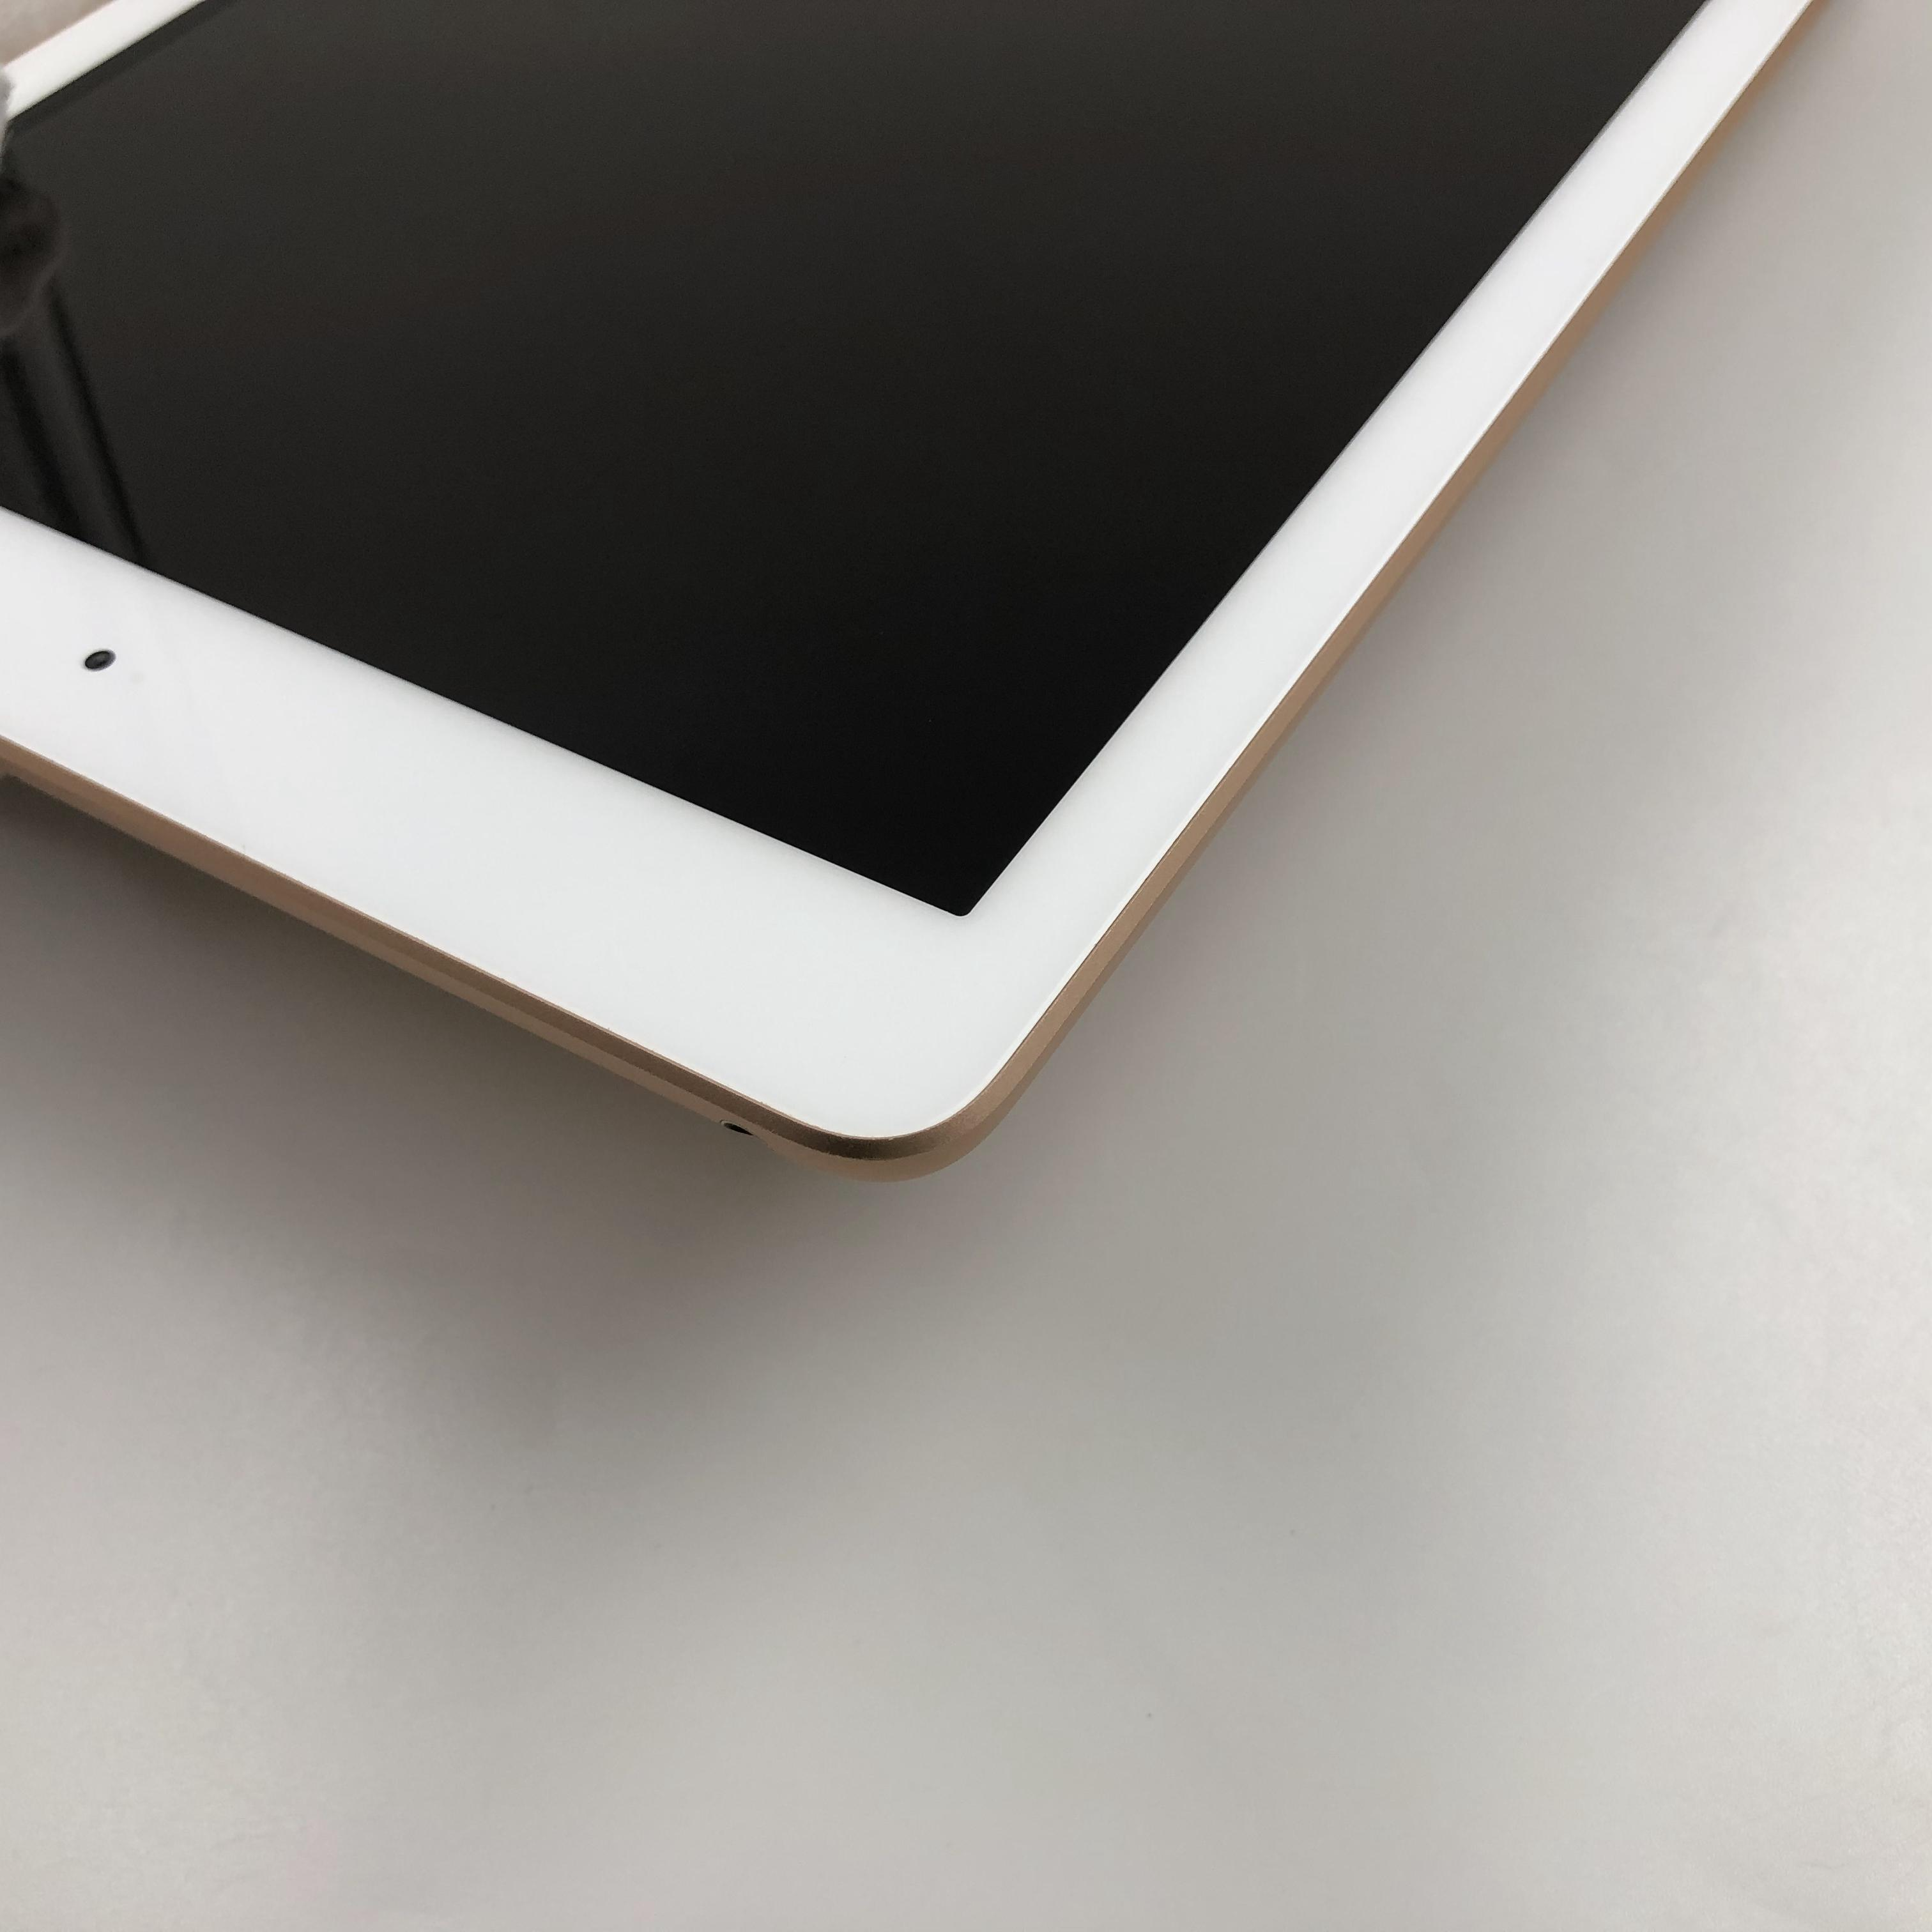 苹果【iPad  2018款 9.7英寸】WIFI版 金色 128G 国行 8成新 真机实拍